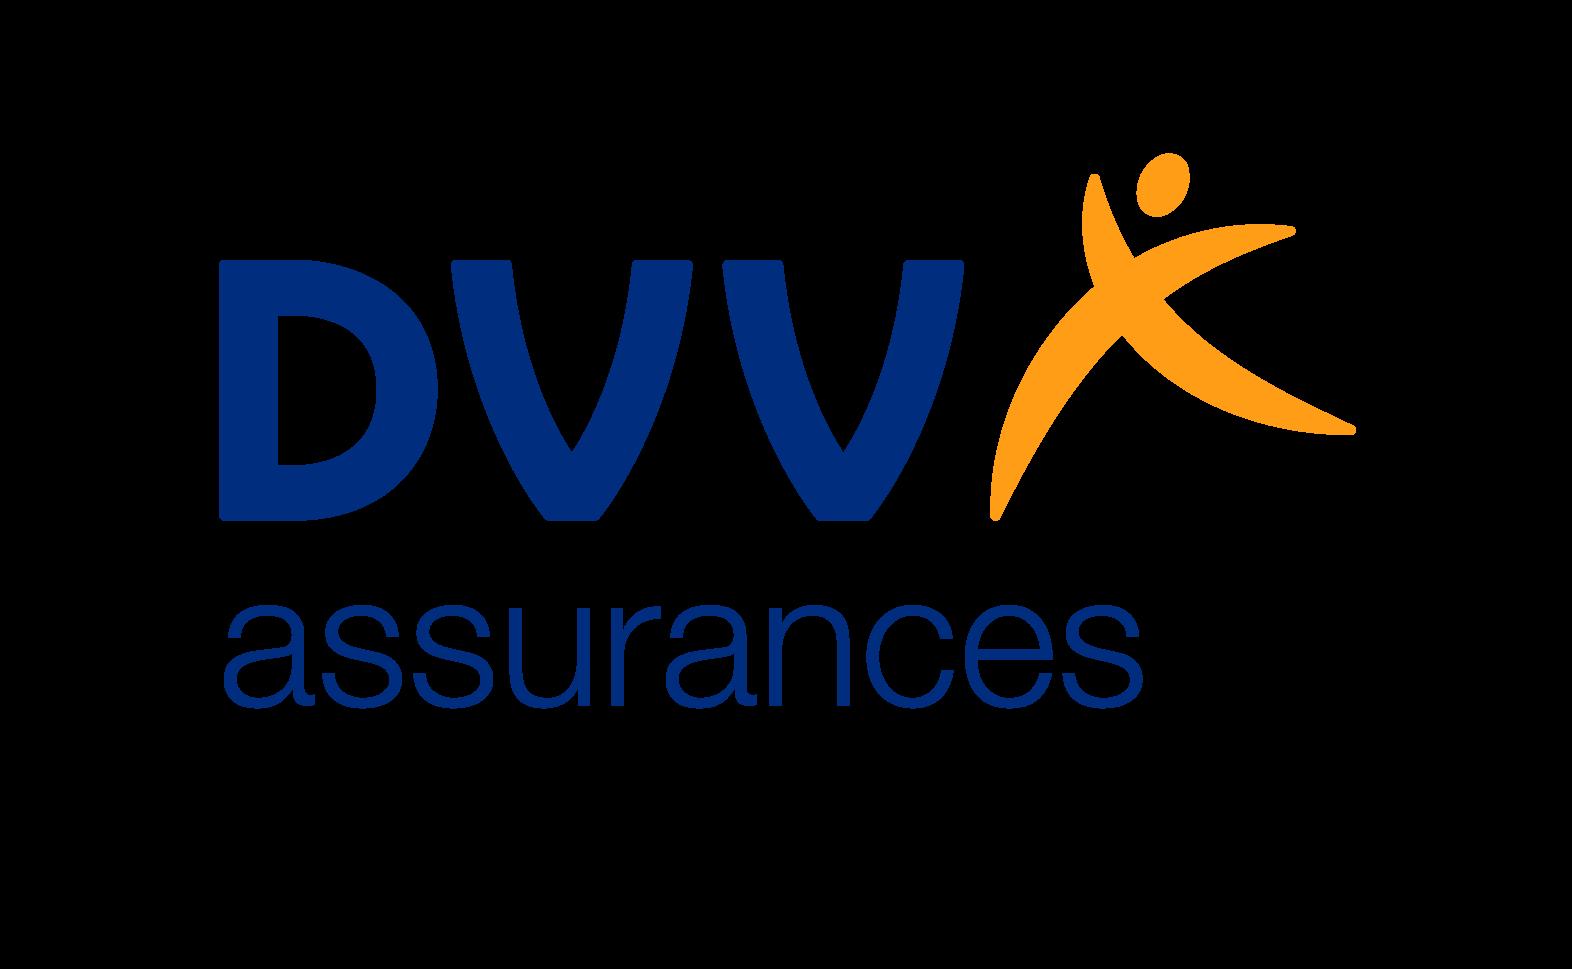 DVV Assurances